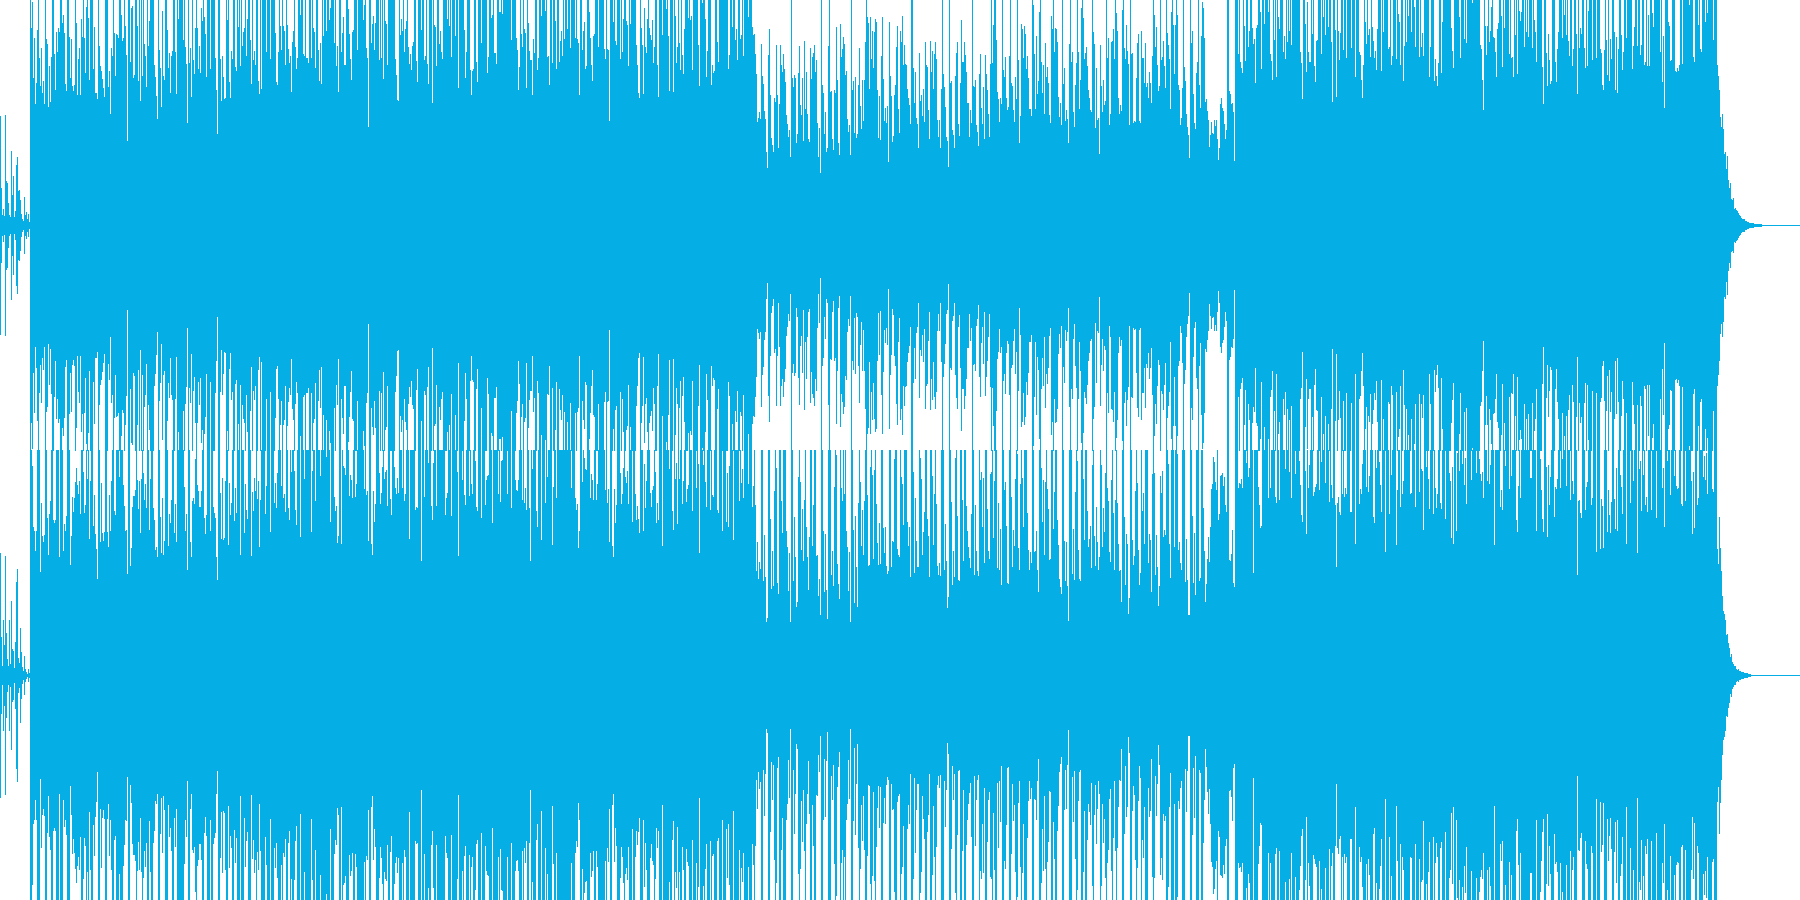 祭をイメージした和風BGMの再生済みの波形